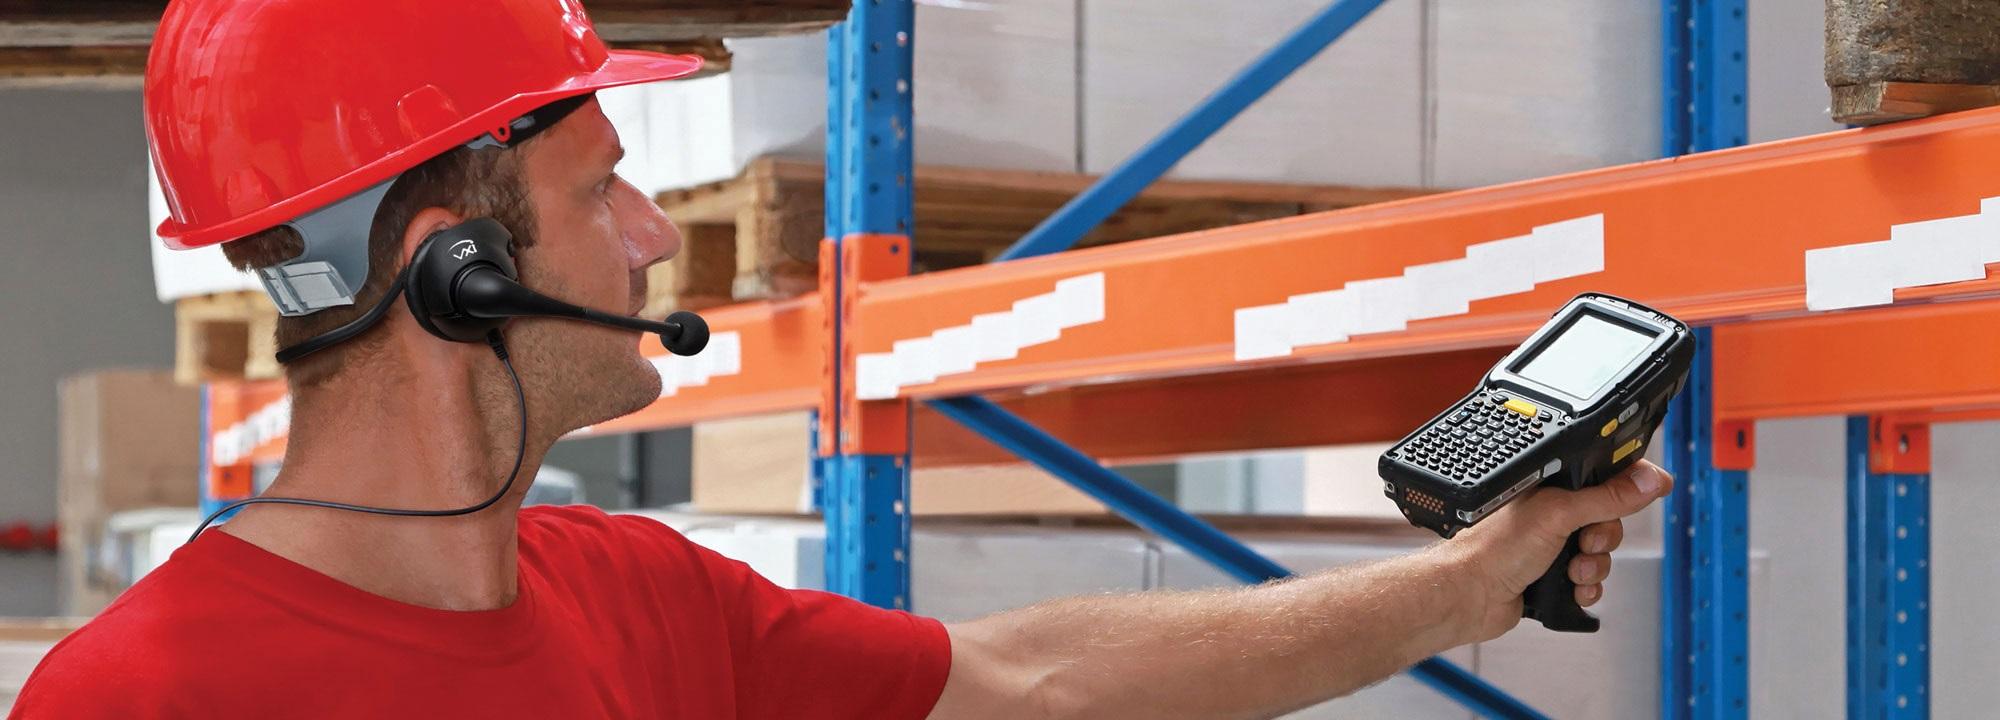 Pick by Voice Headset für Warenhaus-Systeme, Warehouse-Headset, Batstar Headset, Headset für Vocollect-Talkman, Headset für Topsystem Voxter, Headset für proLogistik pL-Voice, Headset für Motorola Warenhaussystem